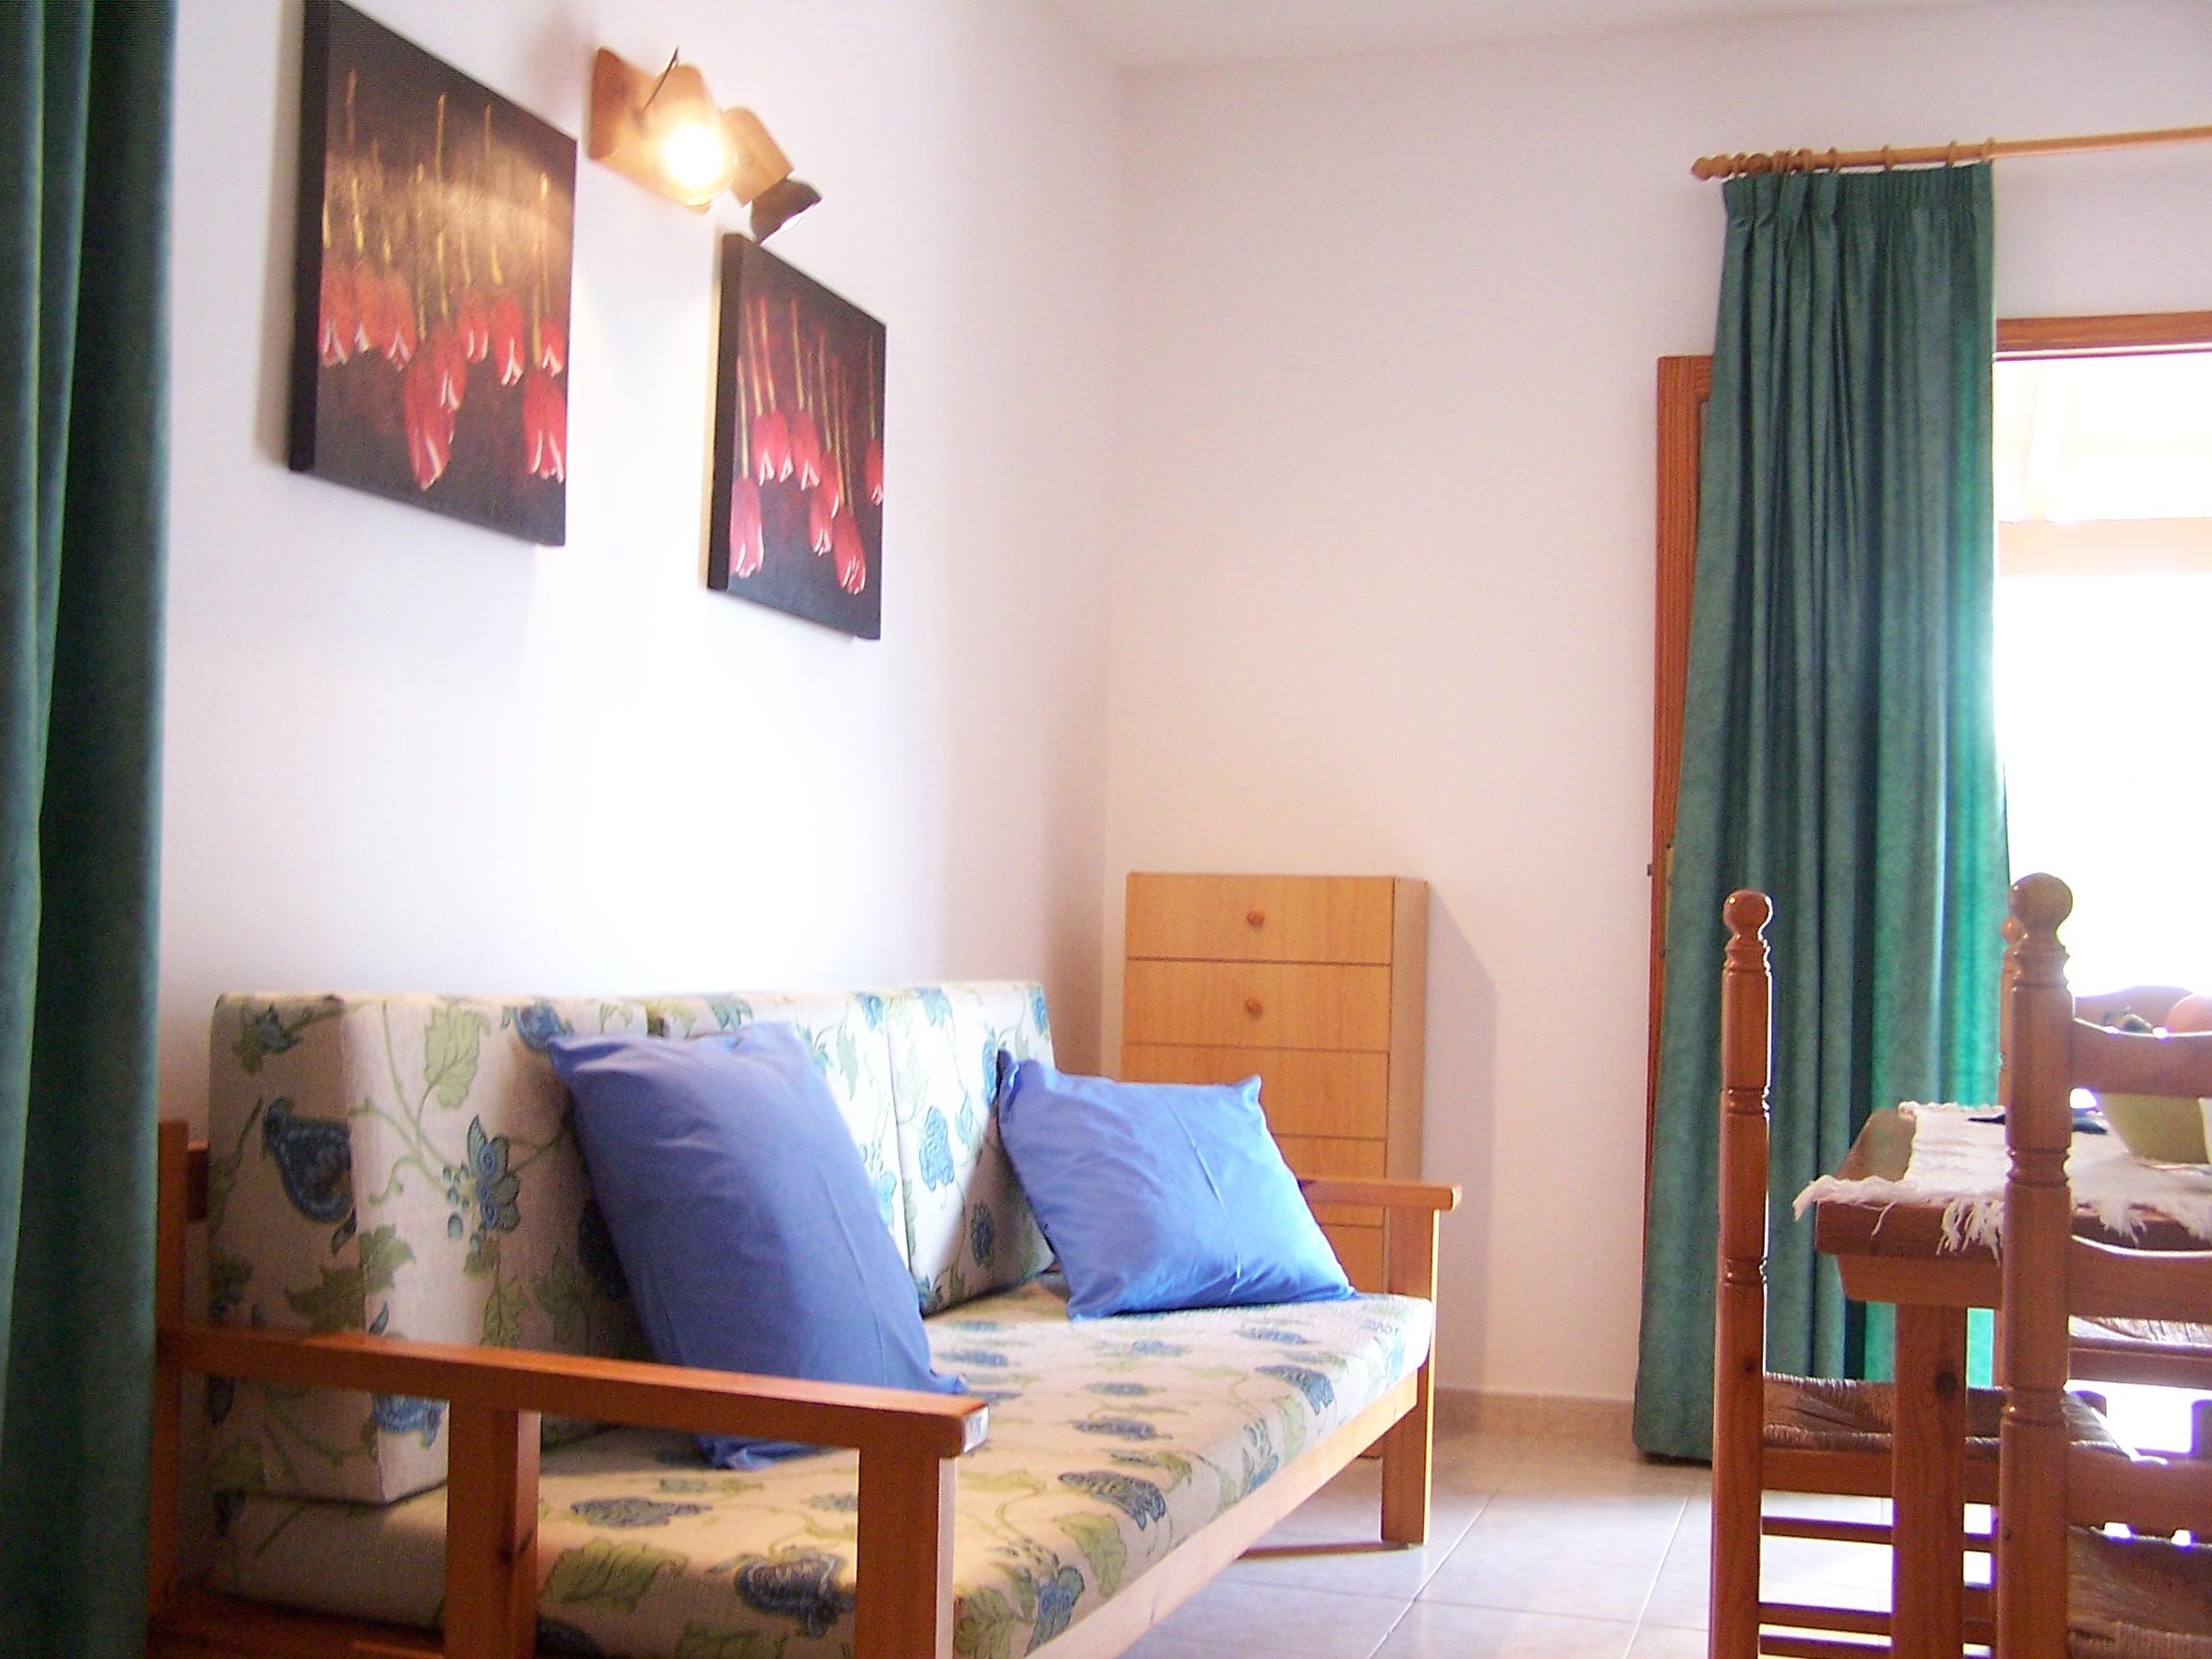 Alojamientos turísticos Cardona. Apartamento Vacacional en el Parque Natural de Las Salinas.